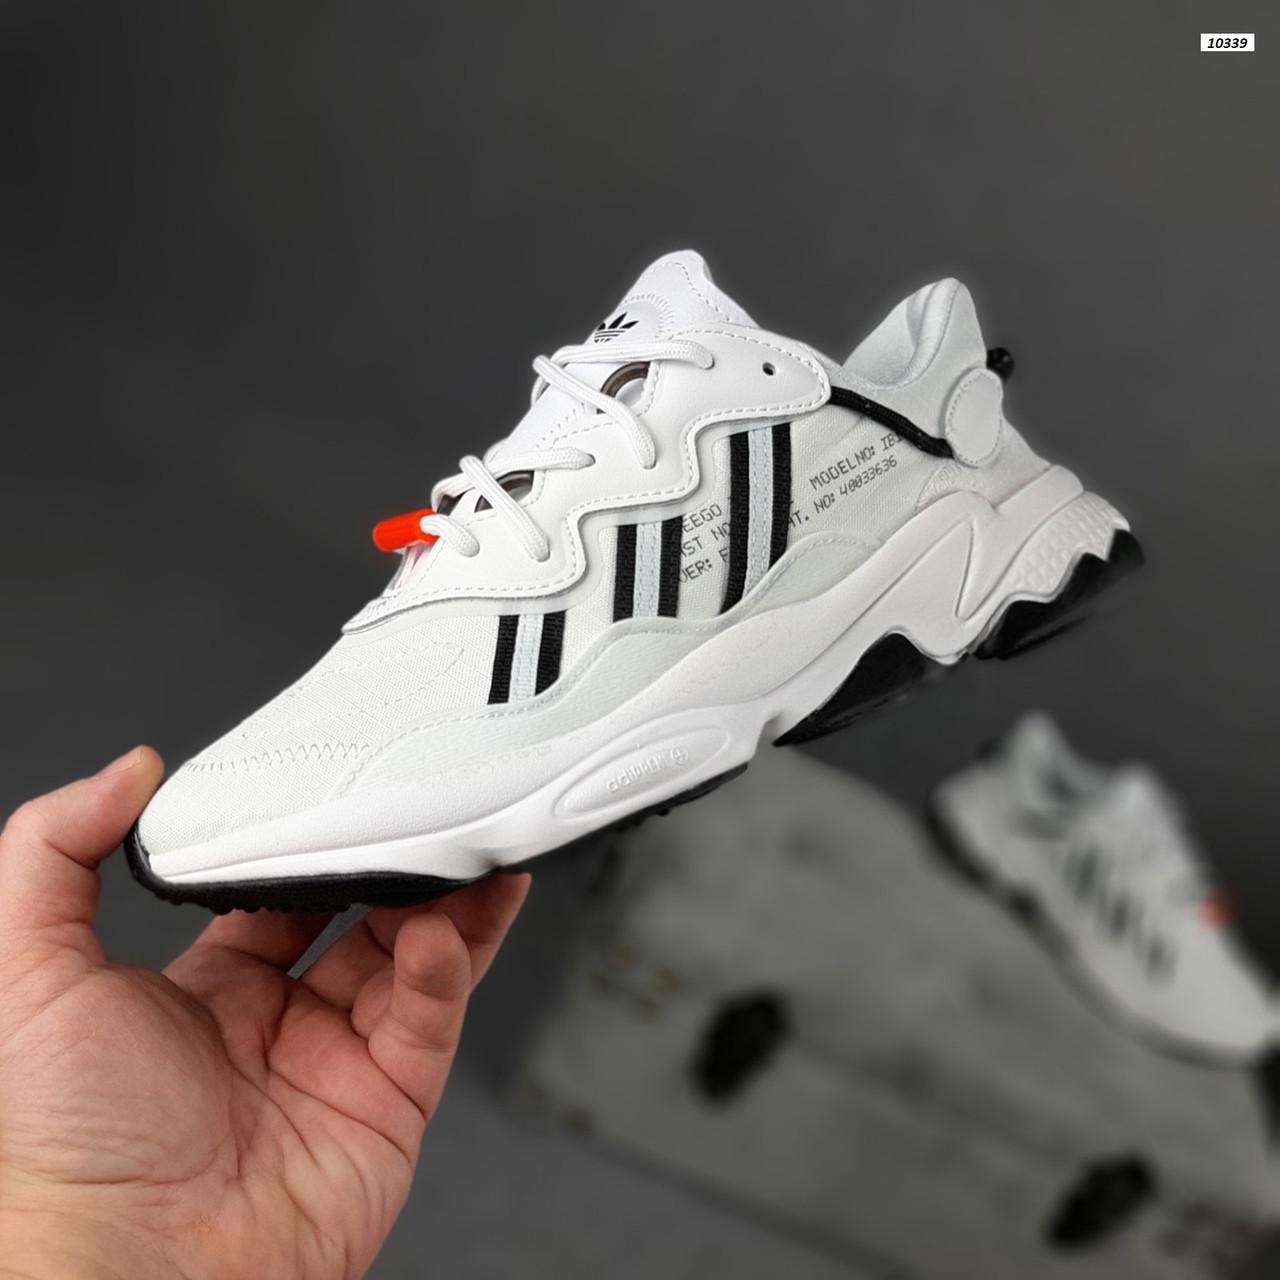 Рефлективные женские кроссовки Adidas Ozweego TR (бело-черные) спортивные весенние кроссы 20259